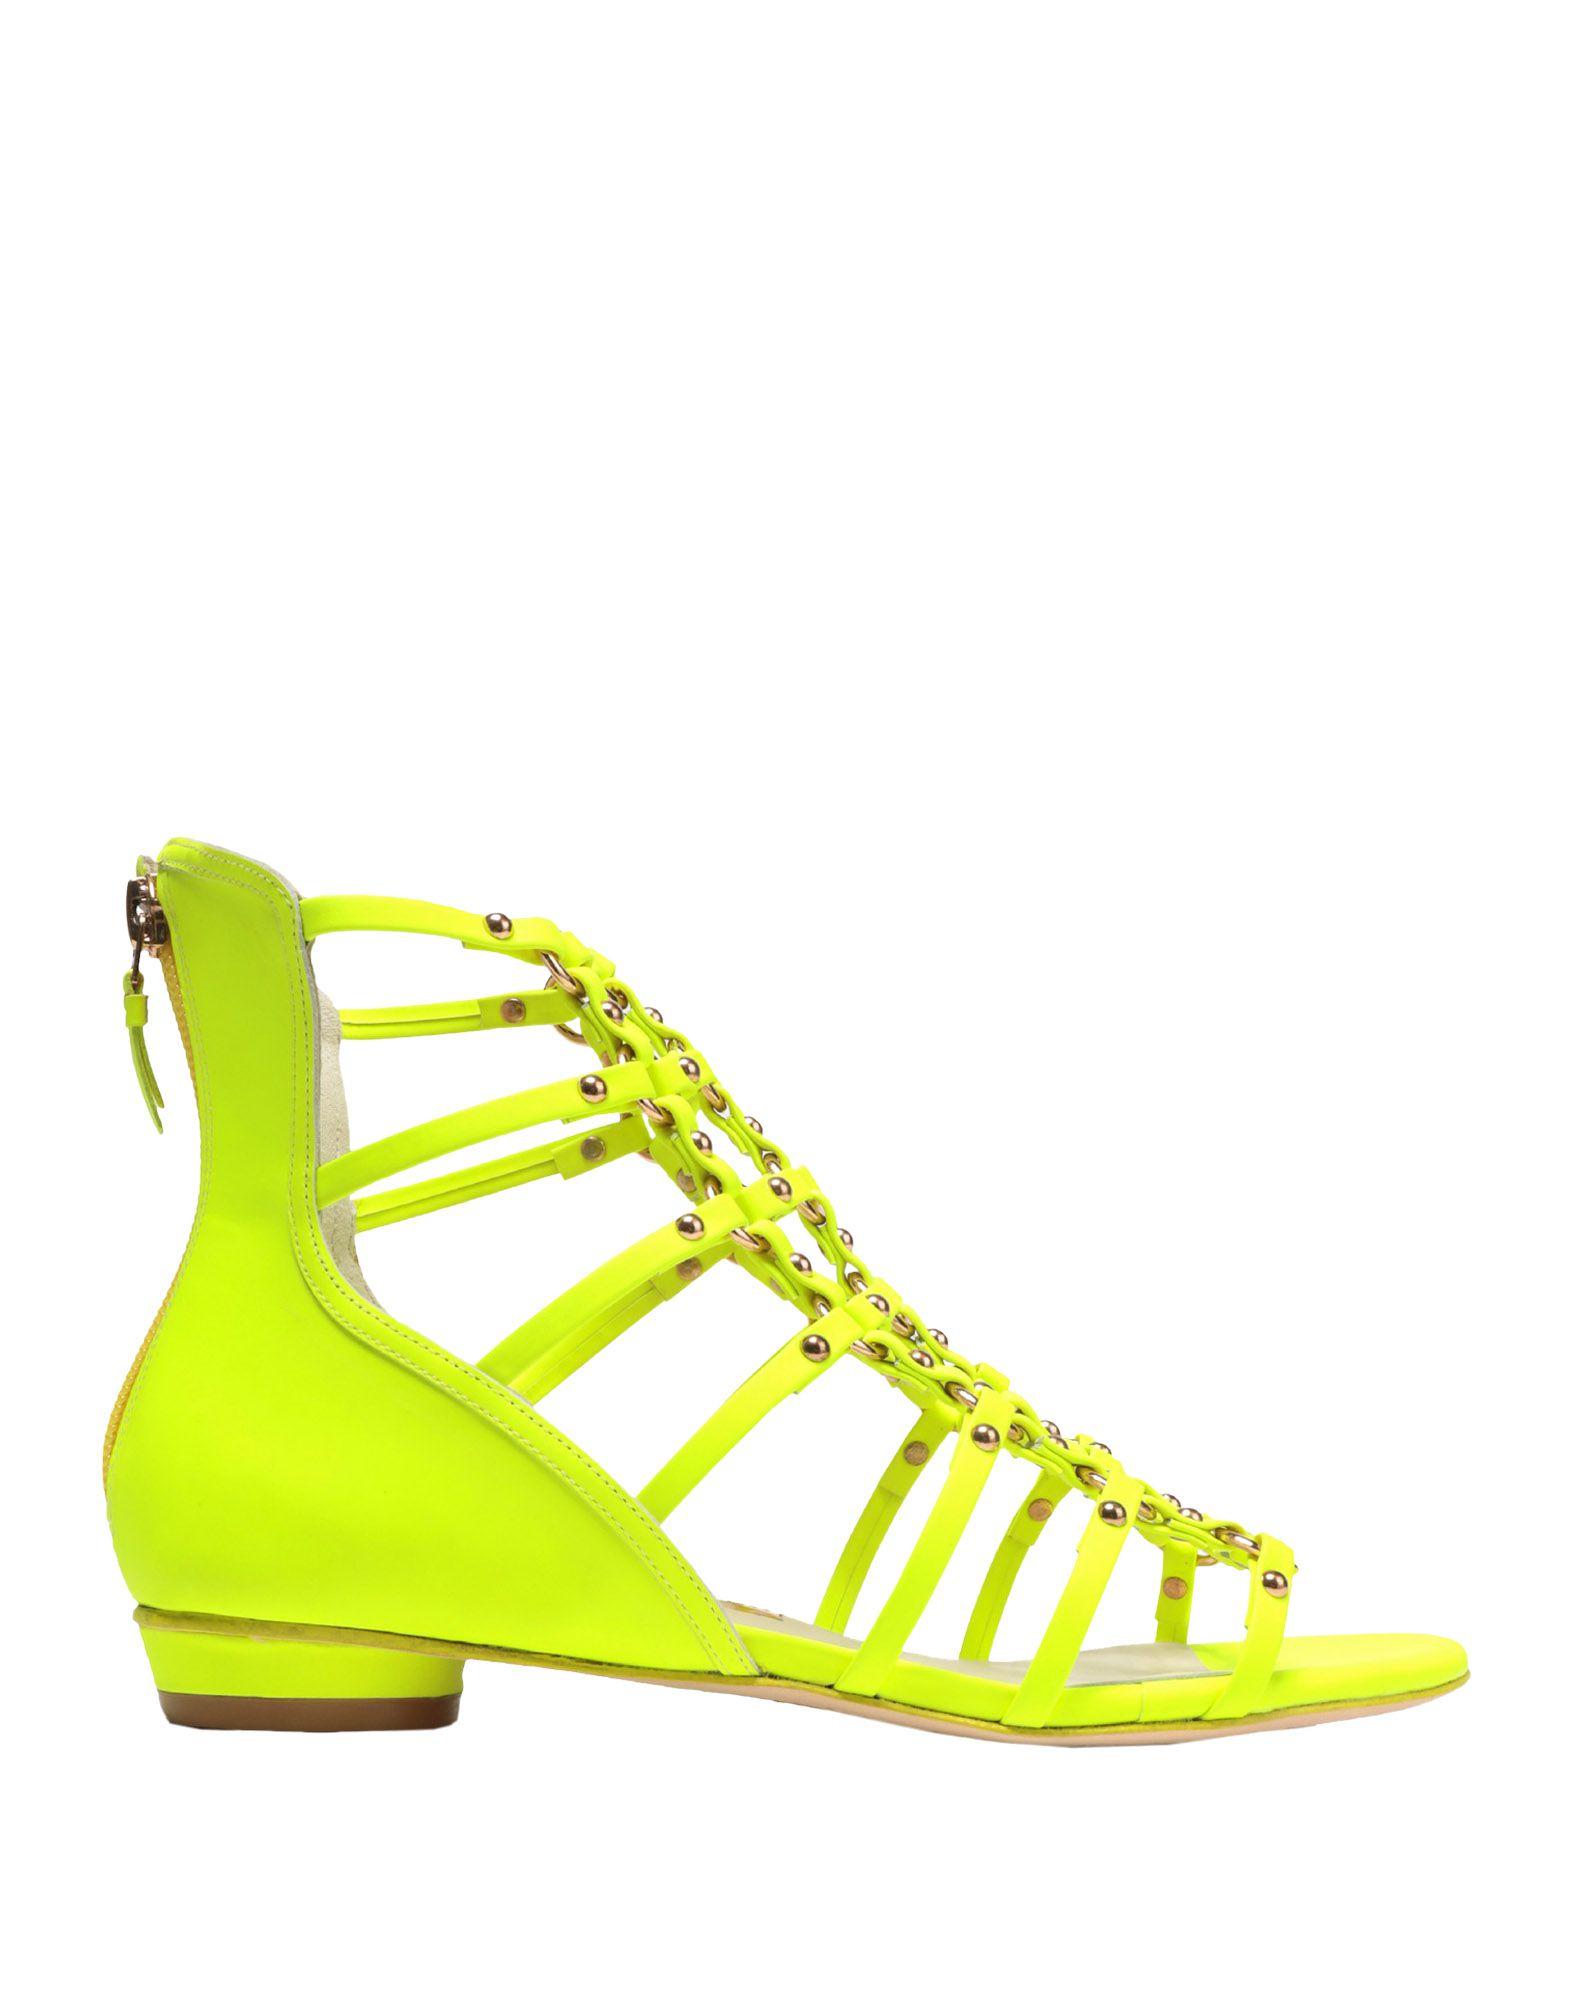 Sophia Webster Sandalen Damen  11524502KS Beliebte Schuhe Schuhe Schuhe 7eeee7